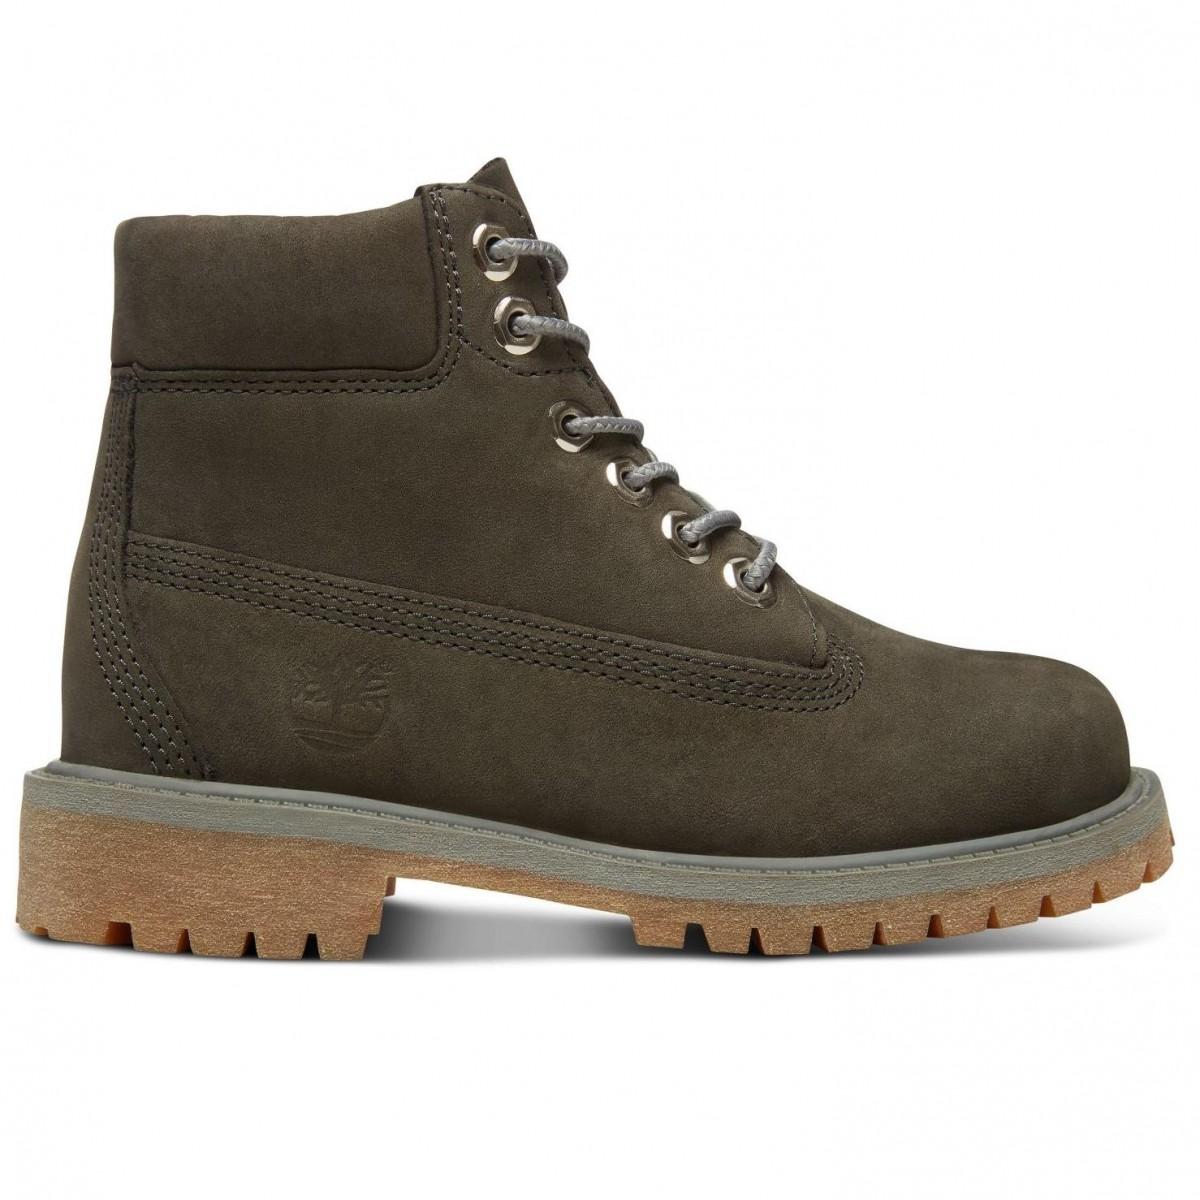 Timberland 6 Inch Premium Junior Boot